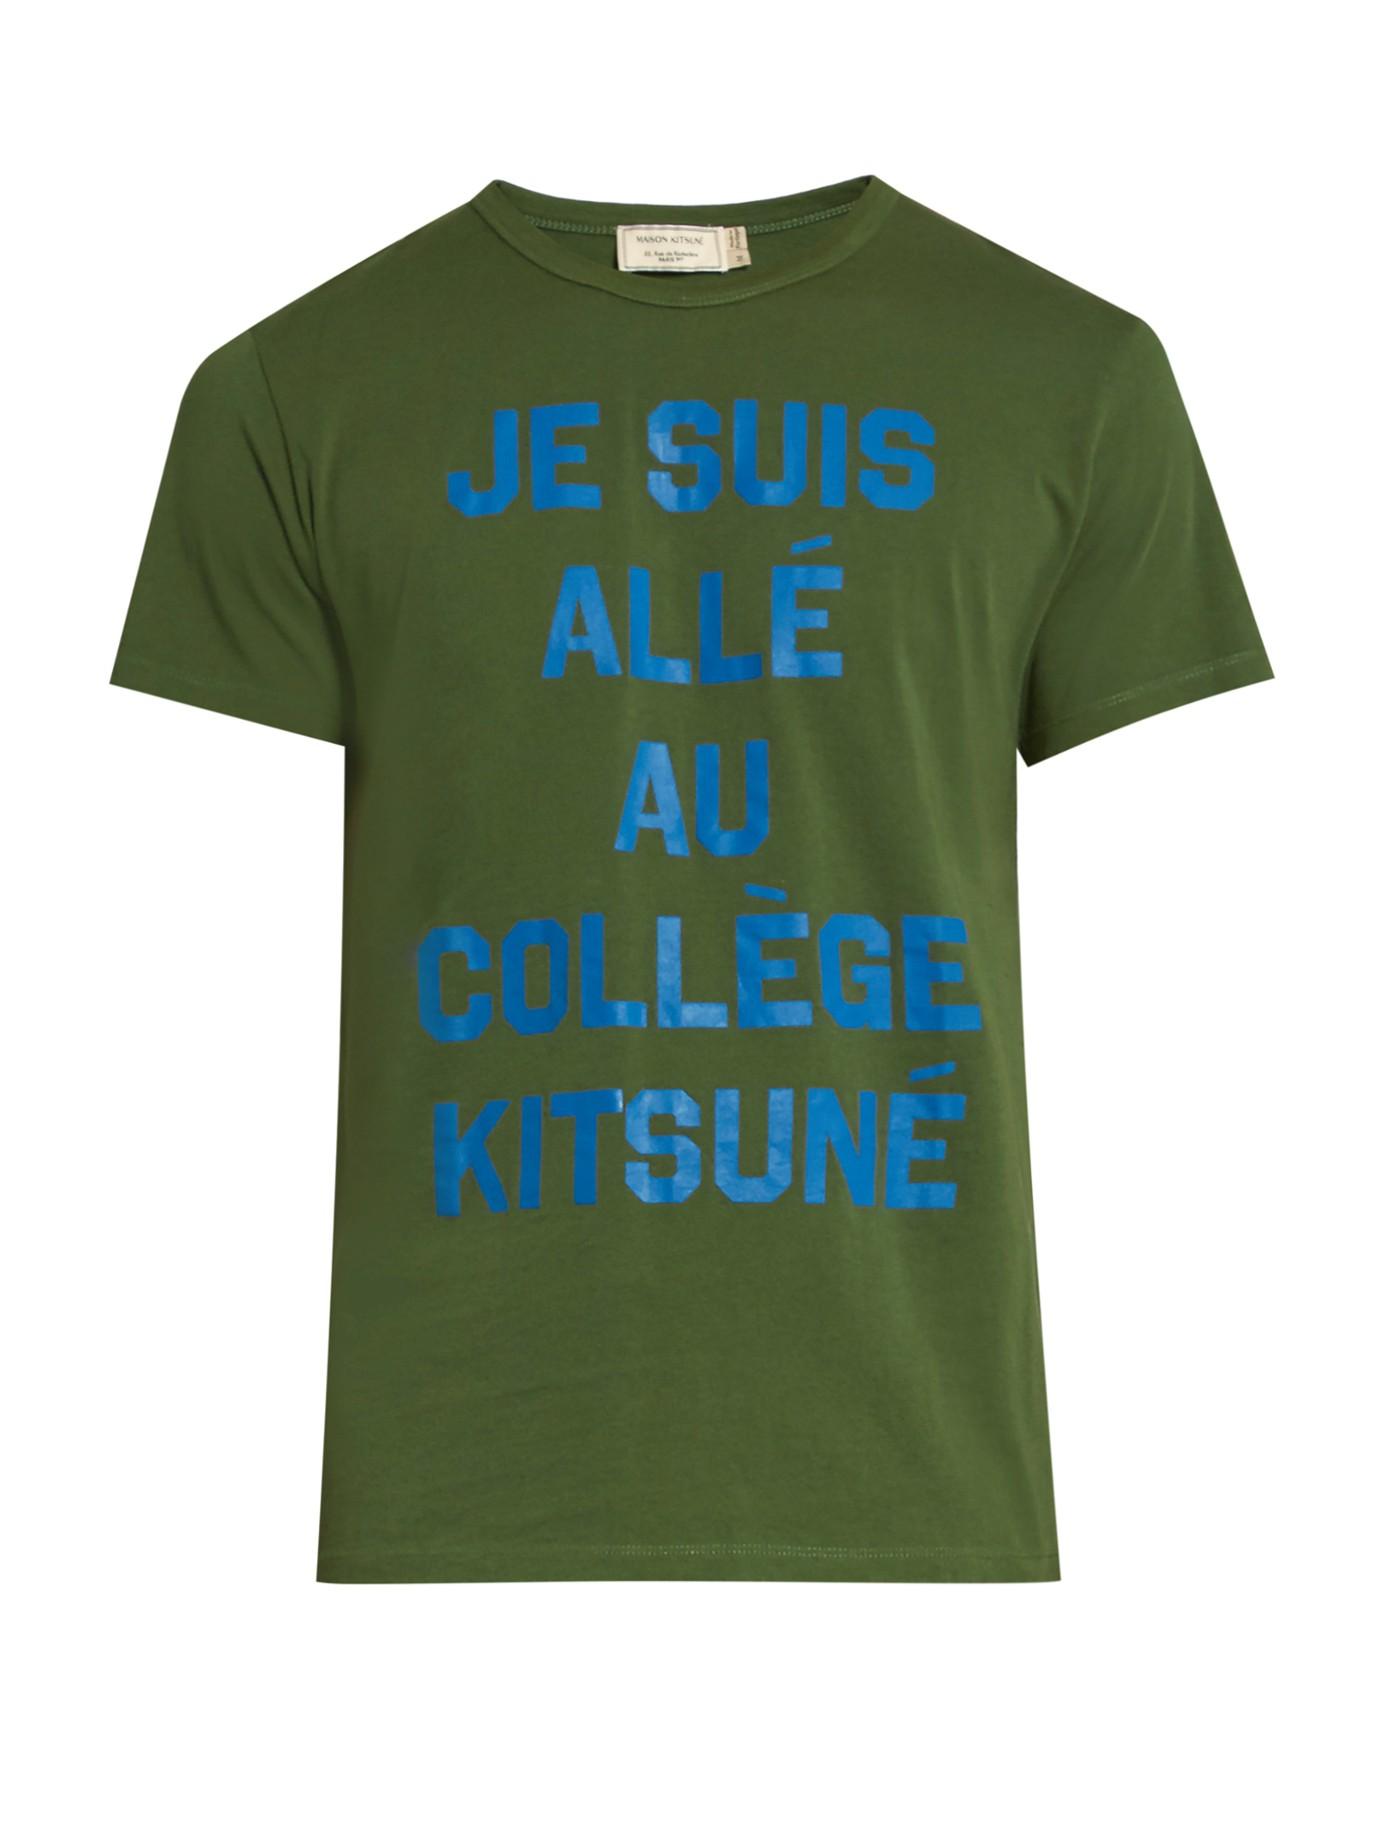 camiseta com mensagem maison kitsune